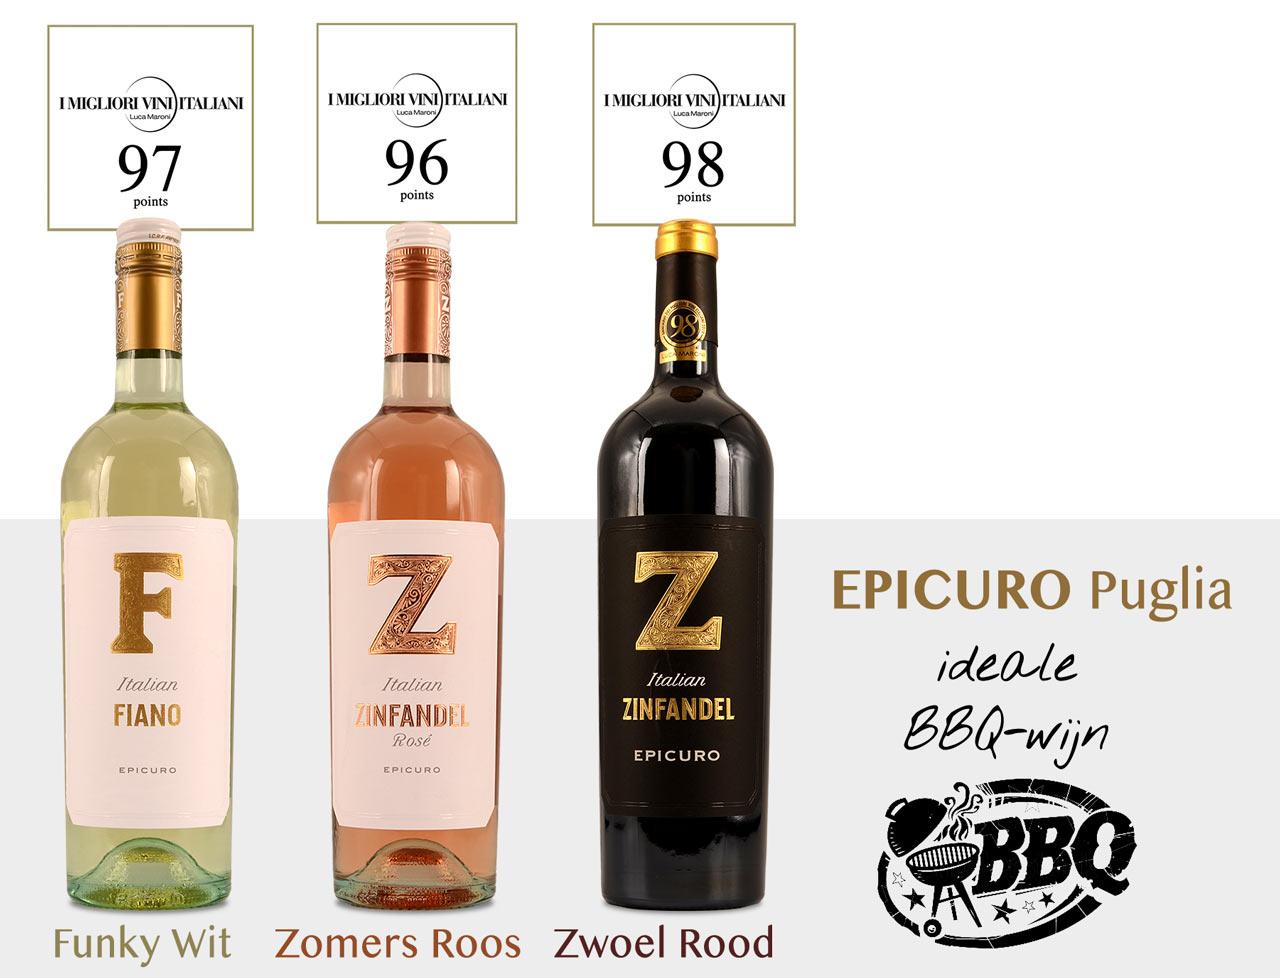 Epicuro BBQ wijnen